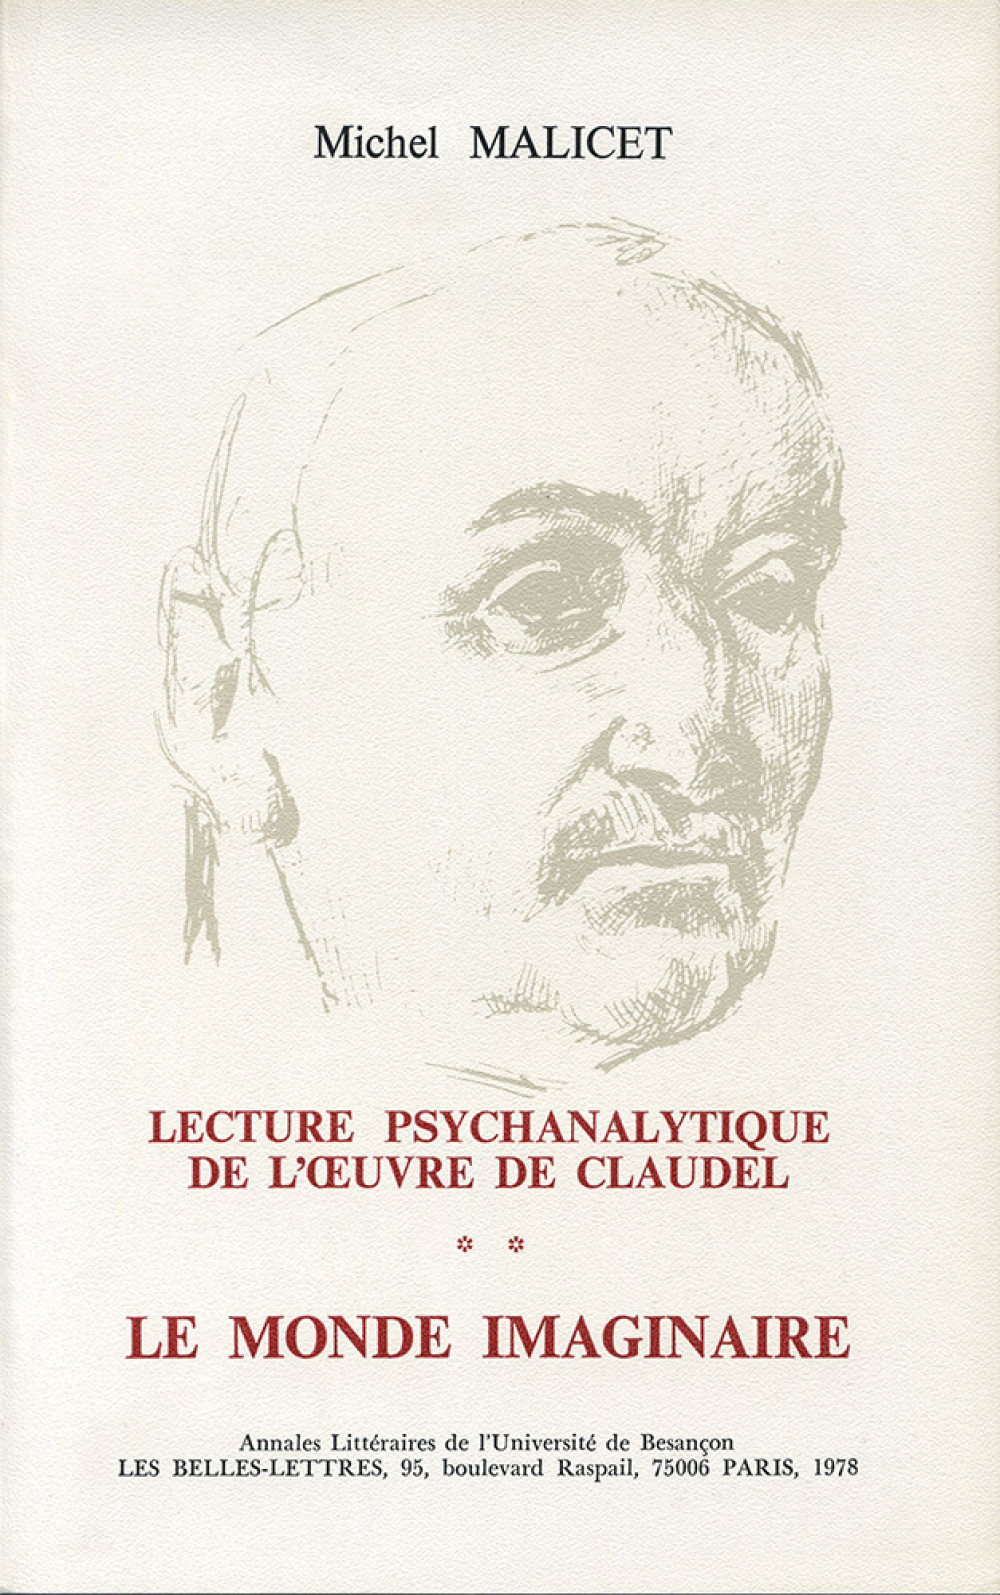 Lecture psychanalytique de l'oeuvre de Paul Claudel II